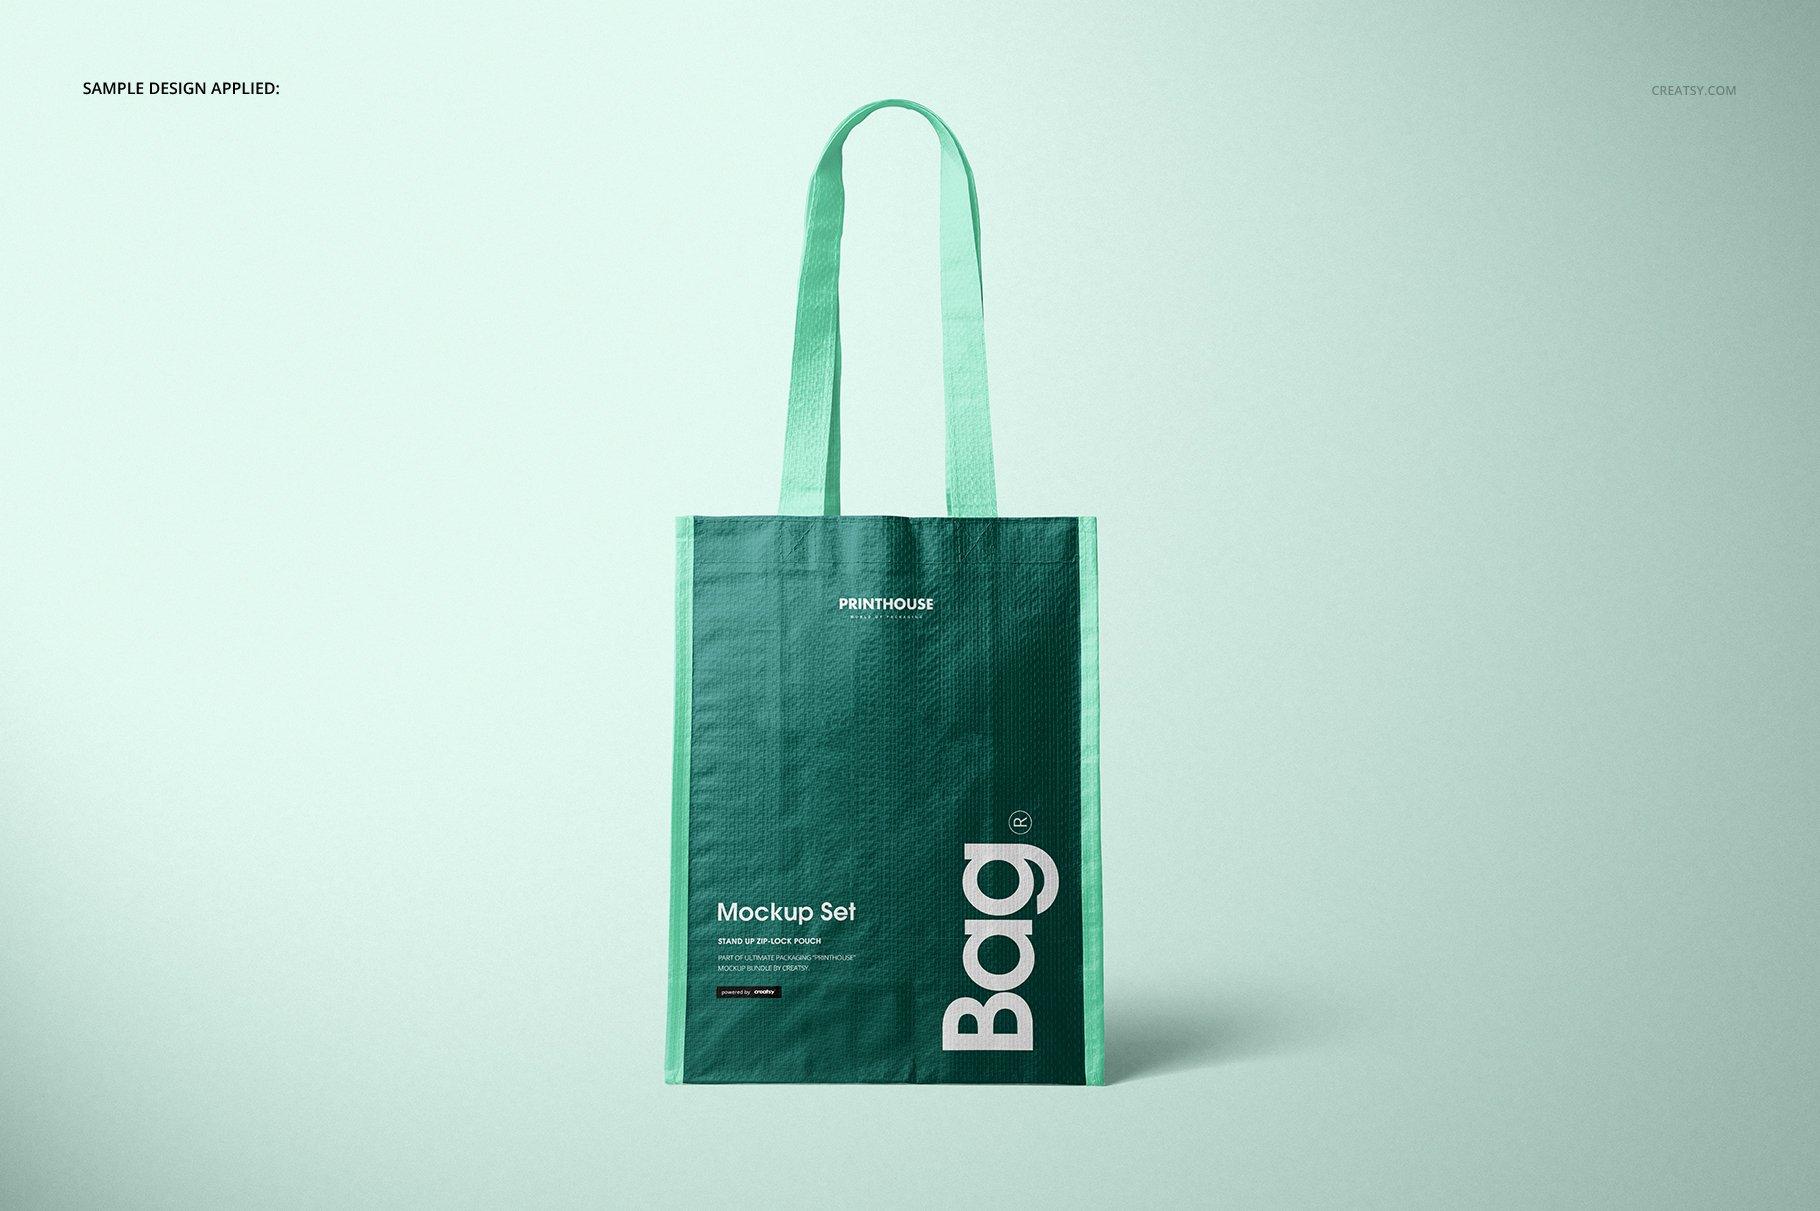 时尚编织手提购物袋设计展示贴图样机模板合集 Woven Tote Bag Mockup Set插图(5)